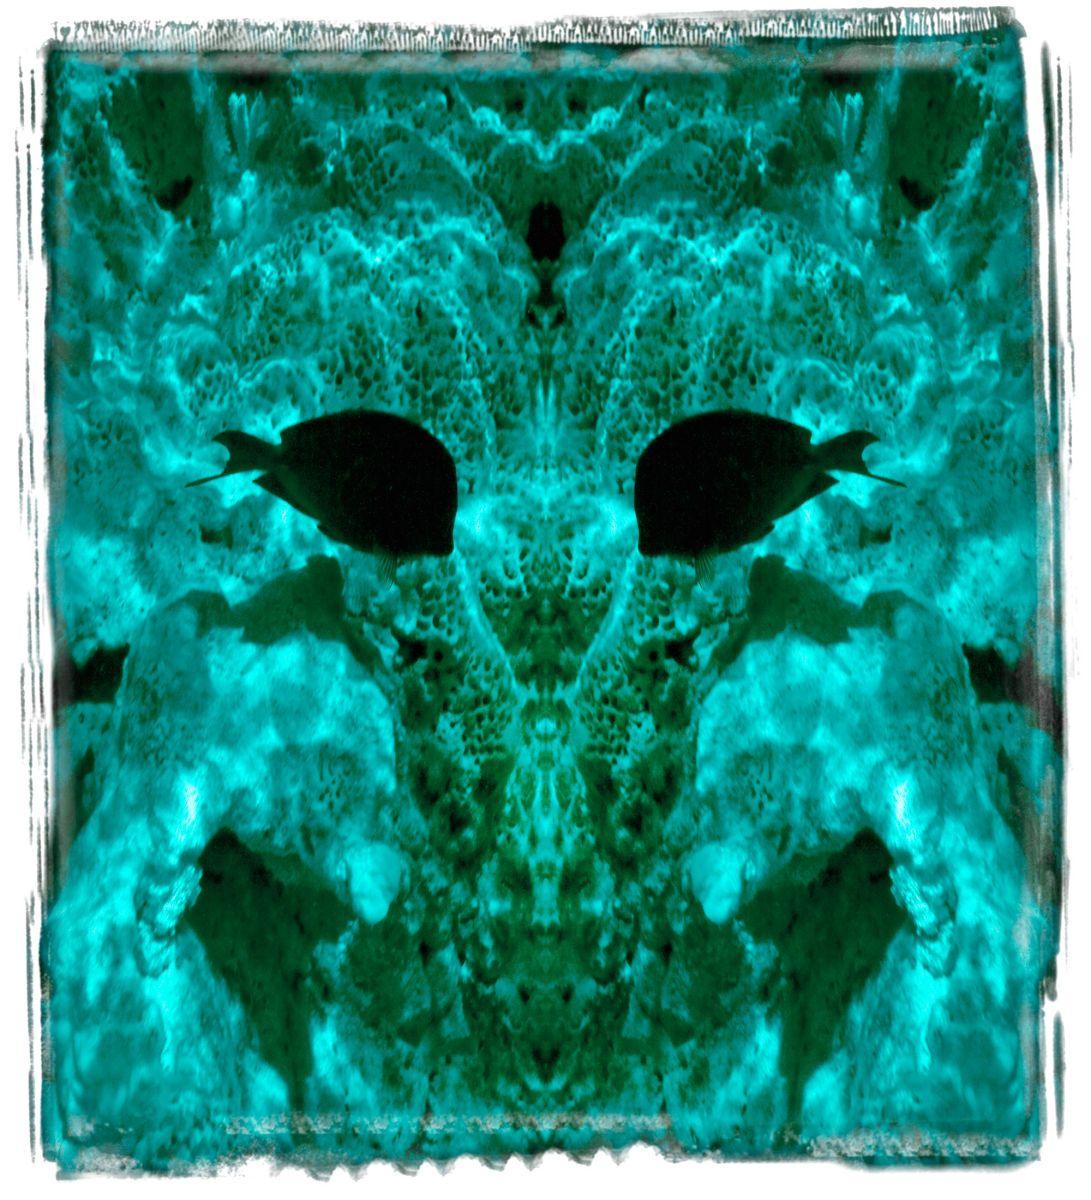 fowl cay reserve, bi '14 2151a